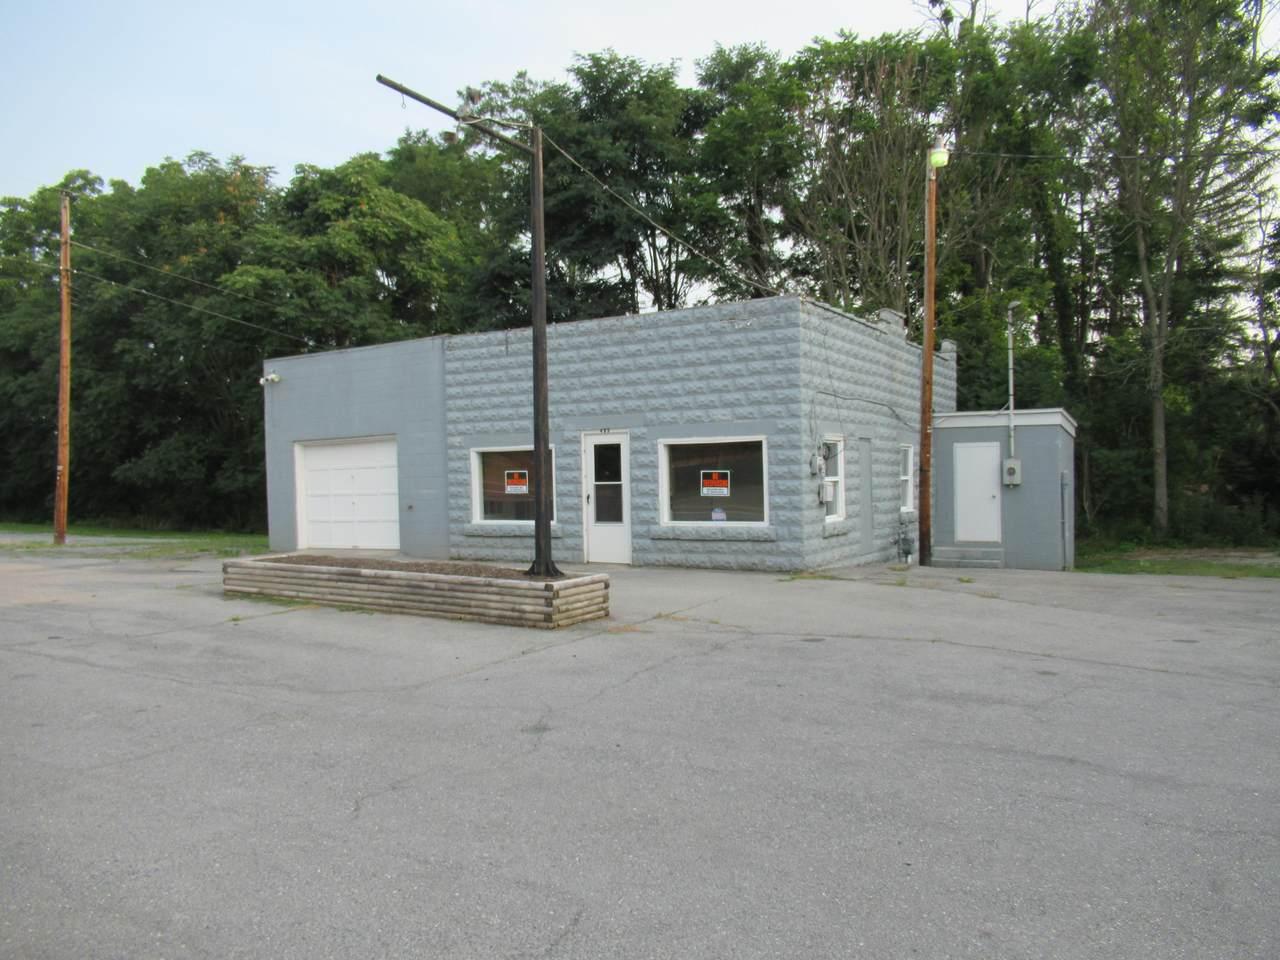 403 Washington St - Photo 1